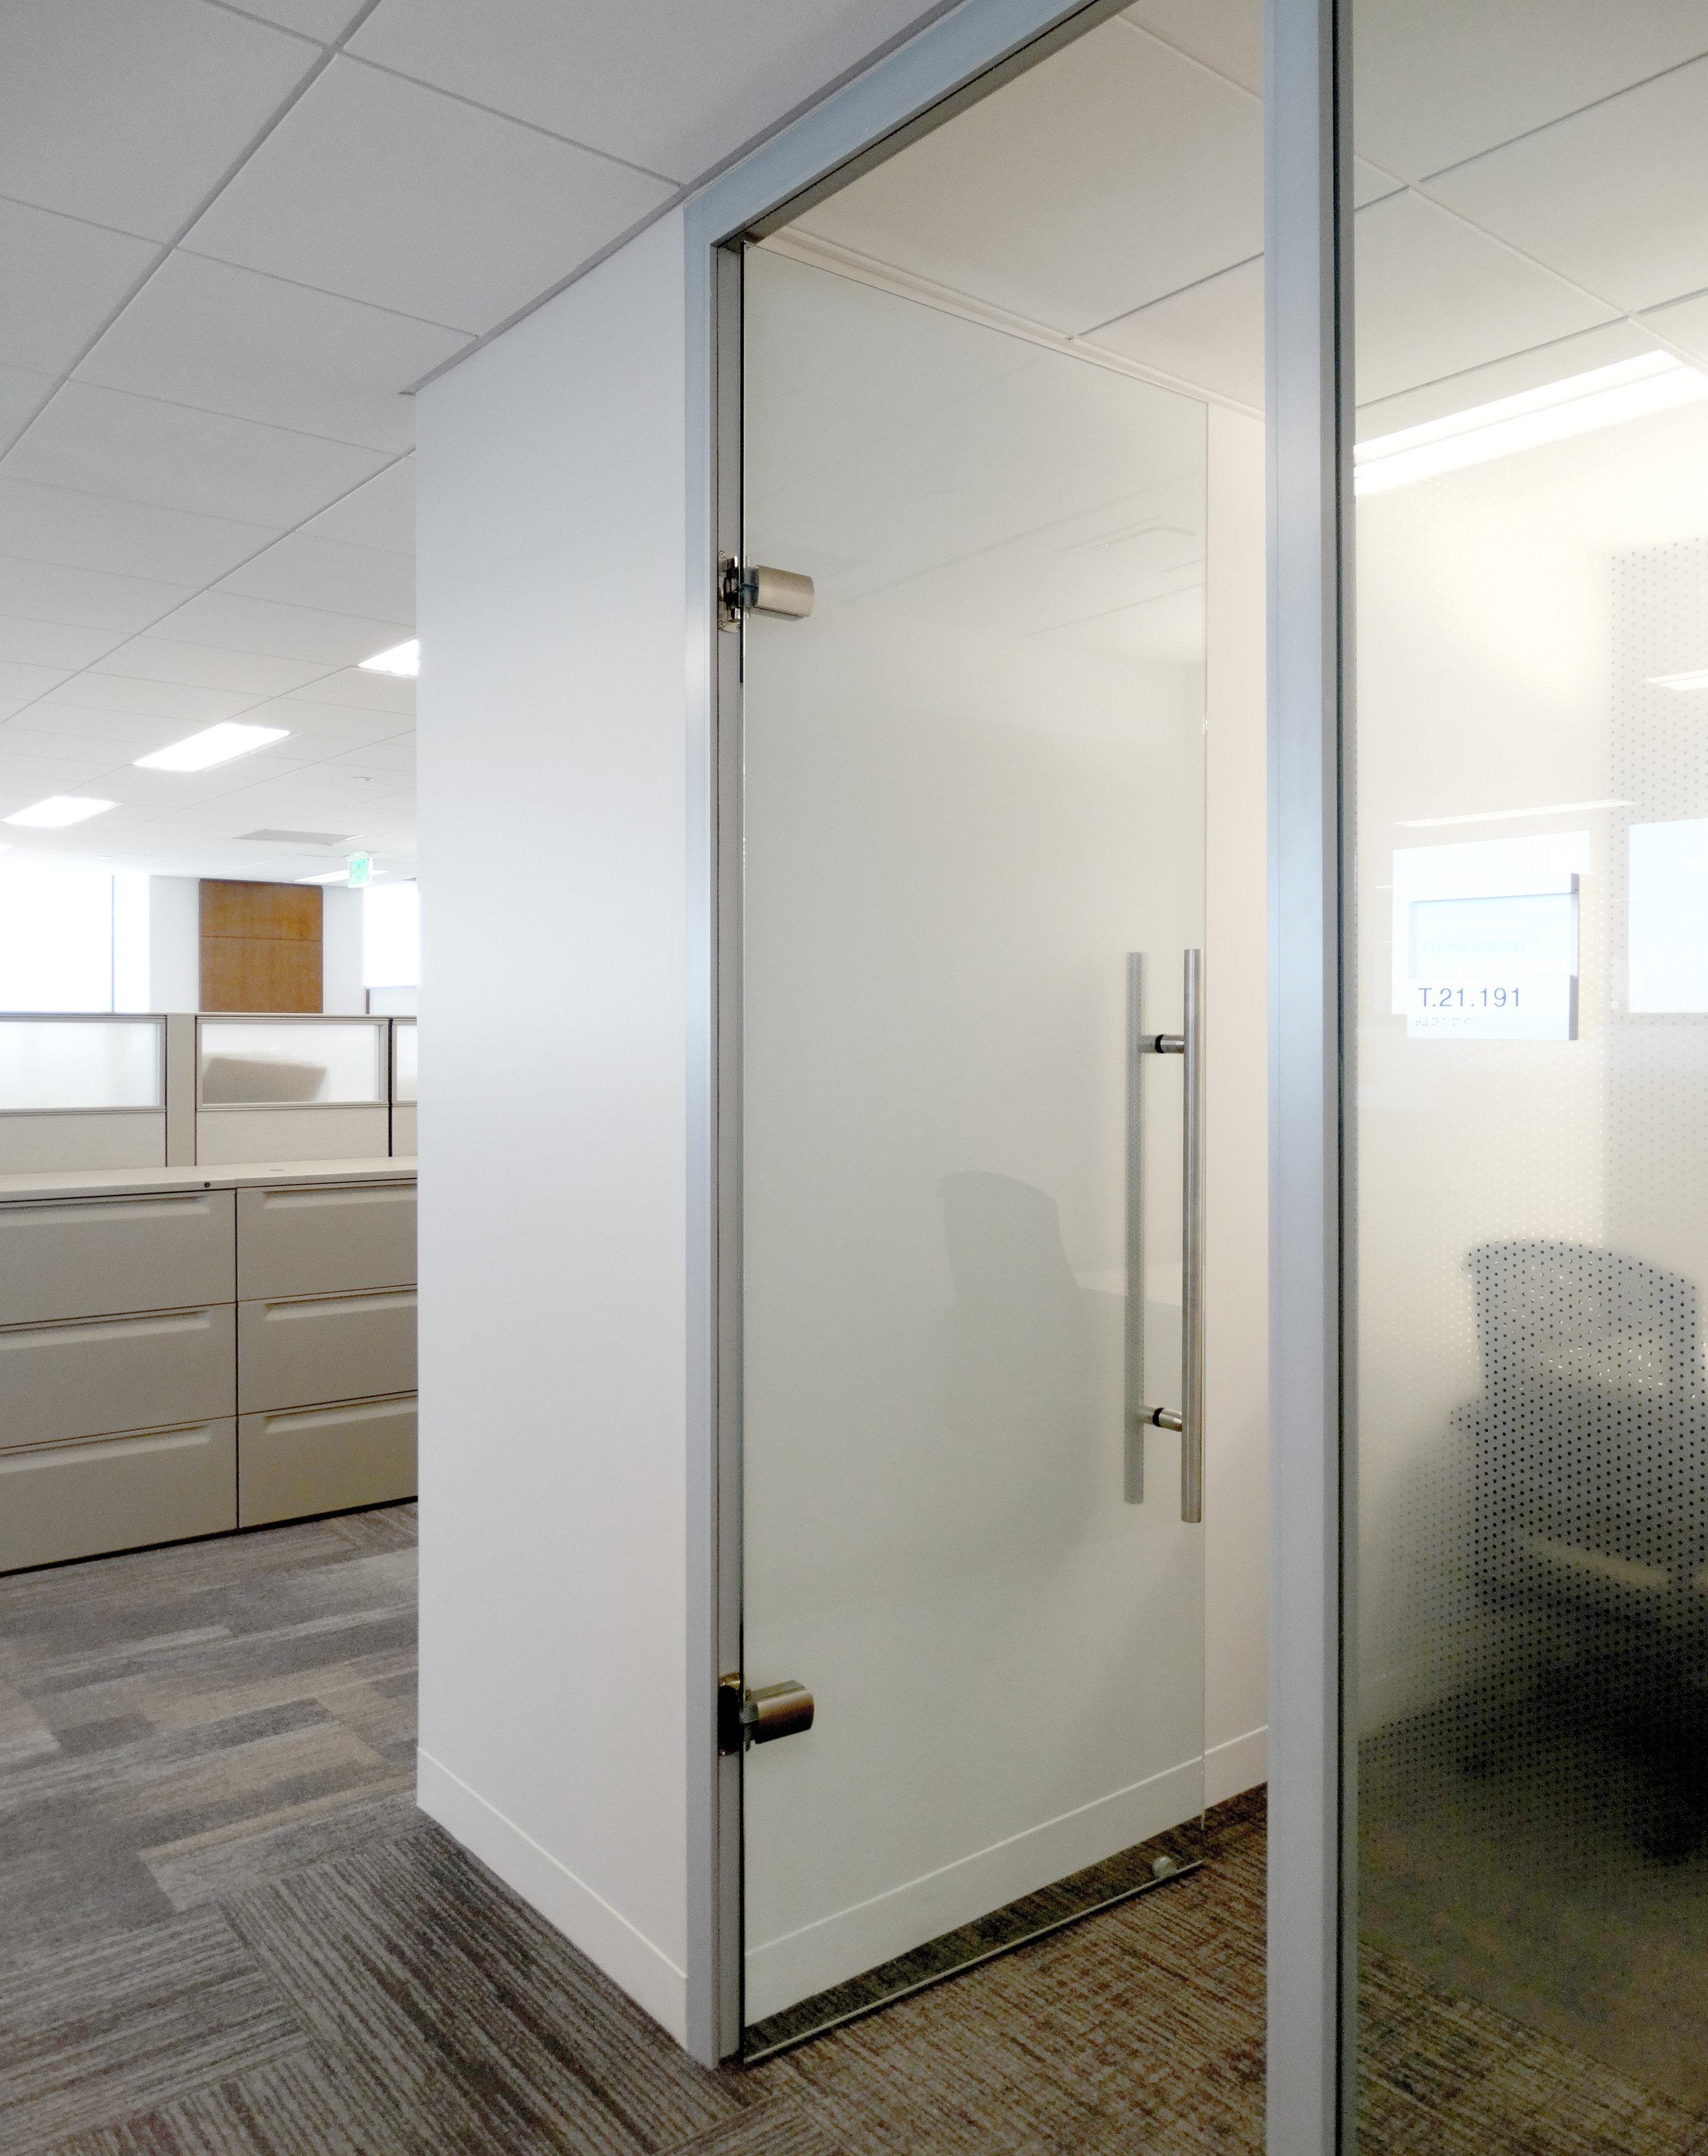 Litespace Aluminum Framed System Frameless Glass Swing Door - Spaceworks AI.jpg